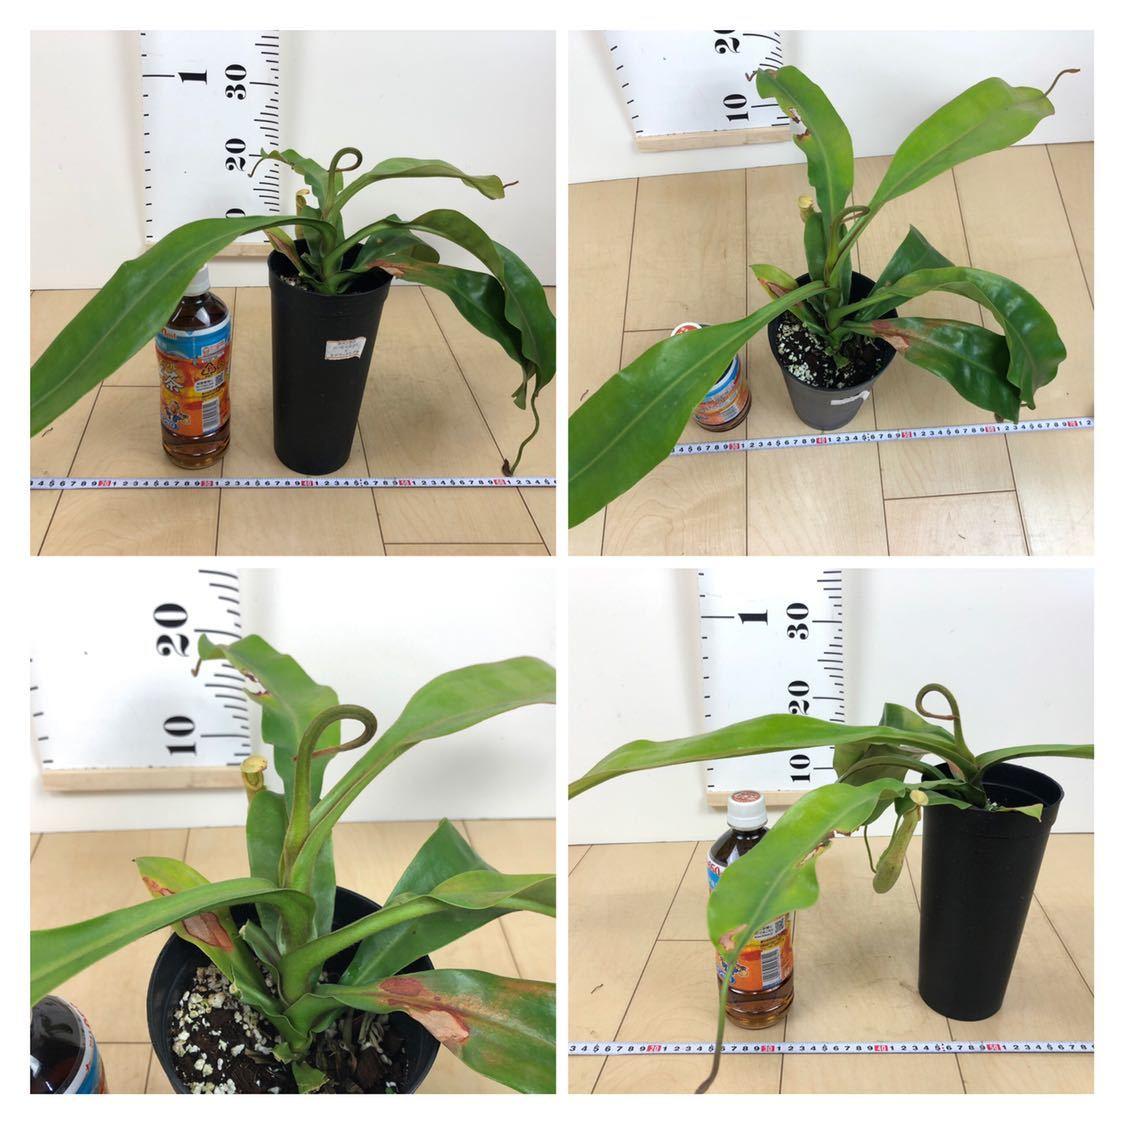 """【食虫植物 ネペンテス """"バービッジアエ×エドワードシアナ""""  3.5号 5鉢セット】_画像7"""